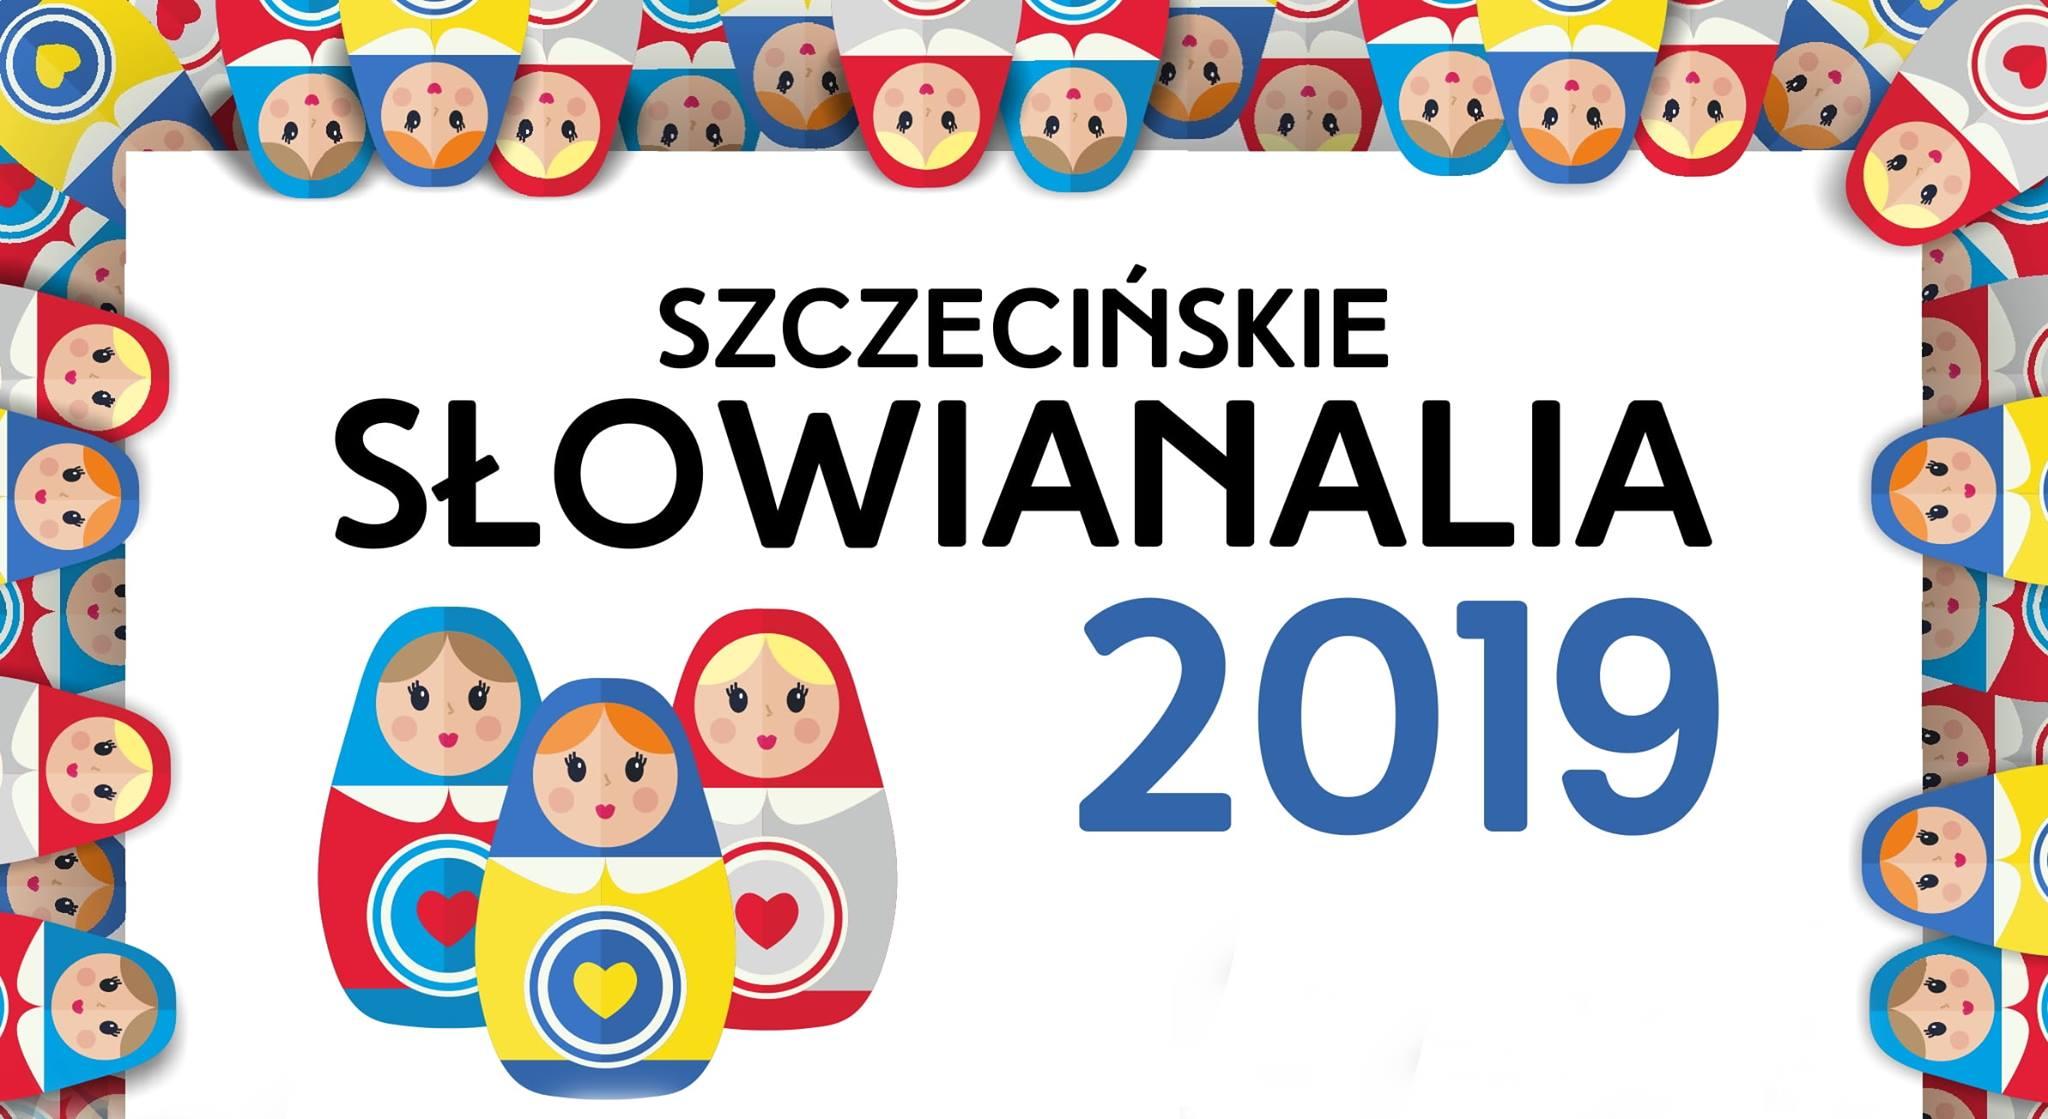 Słowianalia 2019